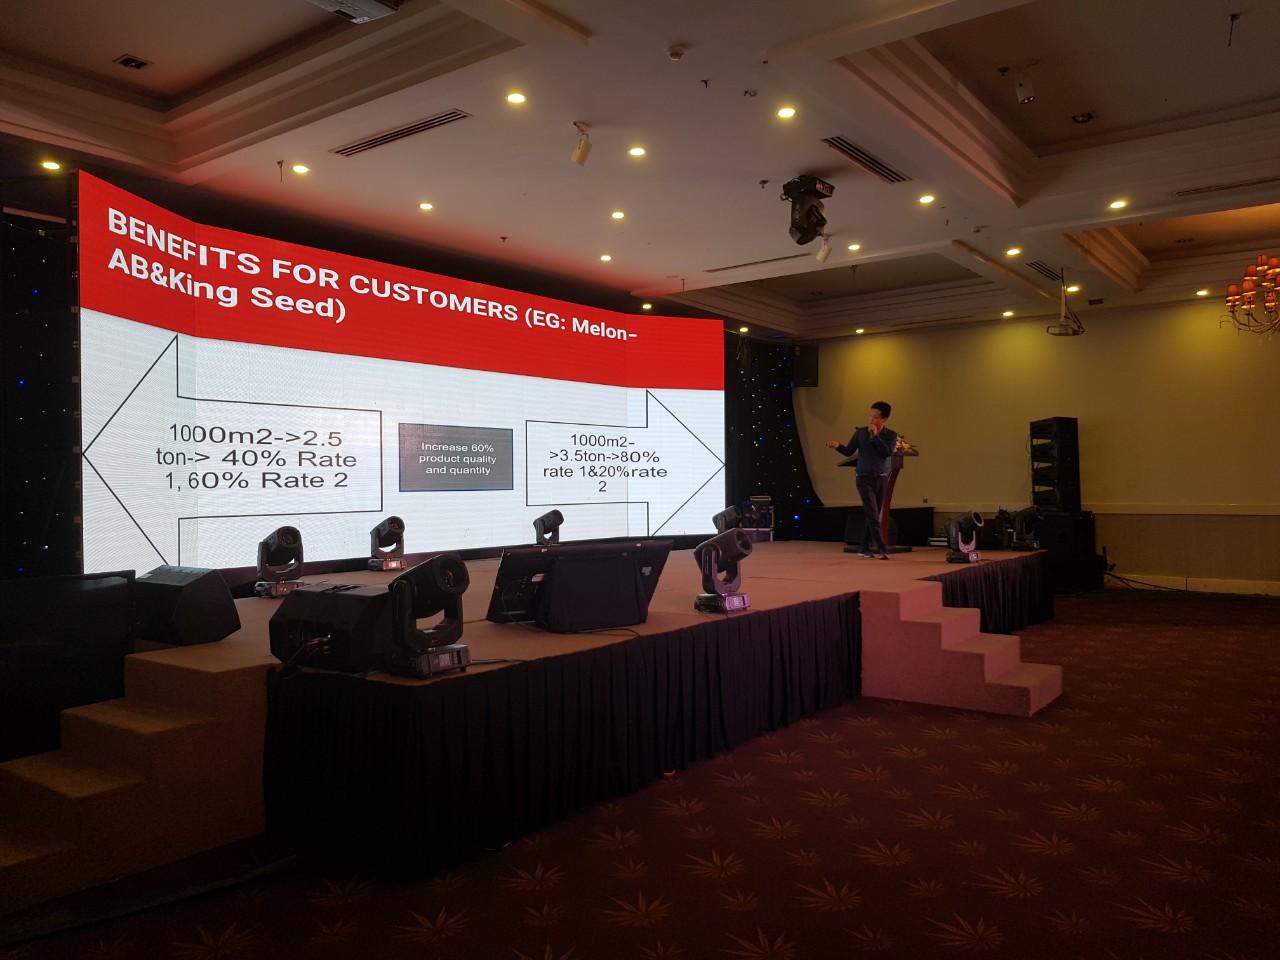 CEO NextCRM thuyết trình giới thiệu về giải pháp chuyển đổi số cho các công ty hoạt động trong lĩnh vực nông nghiệp tại sự kiện Whise